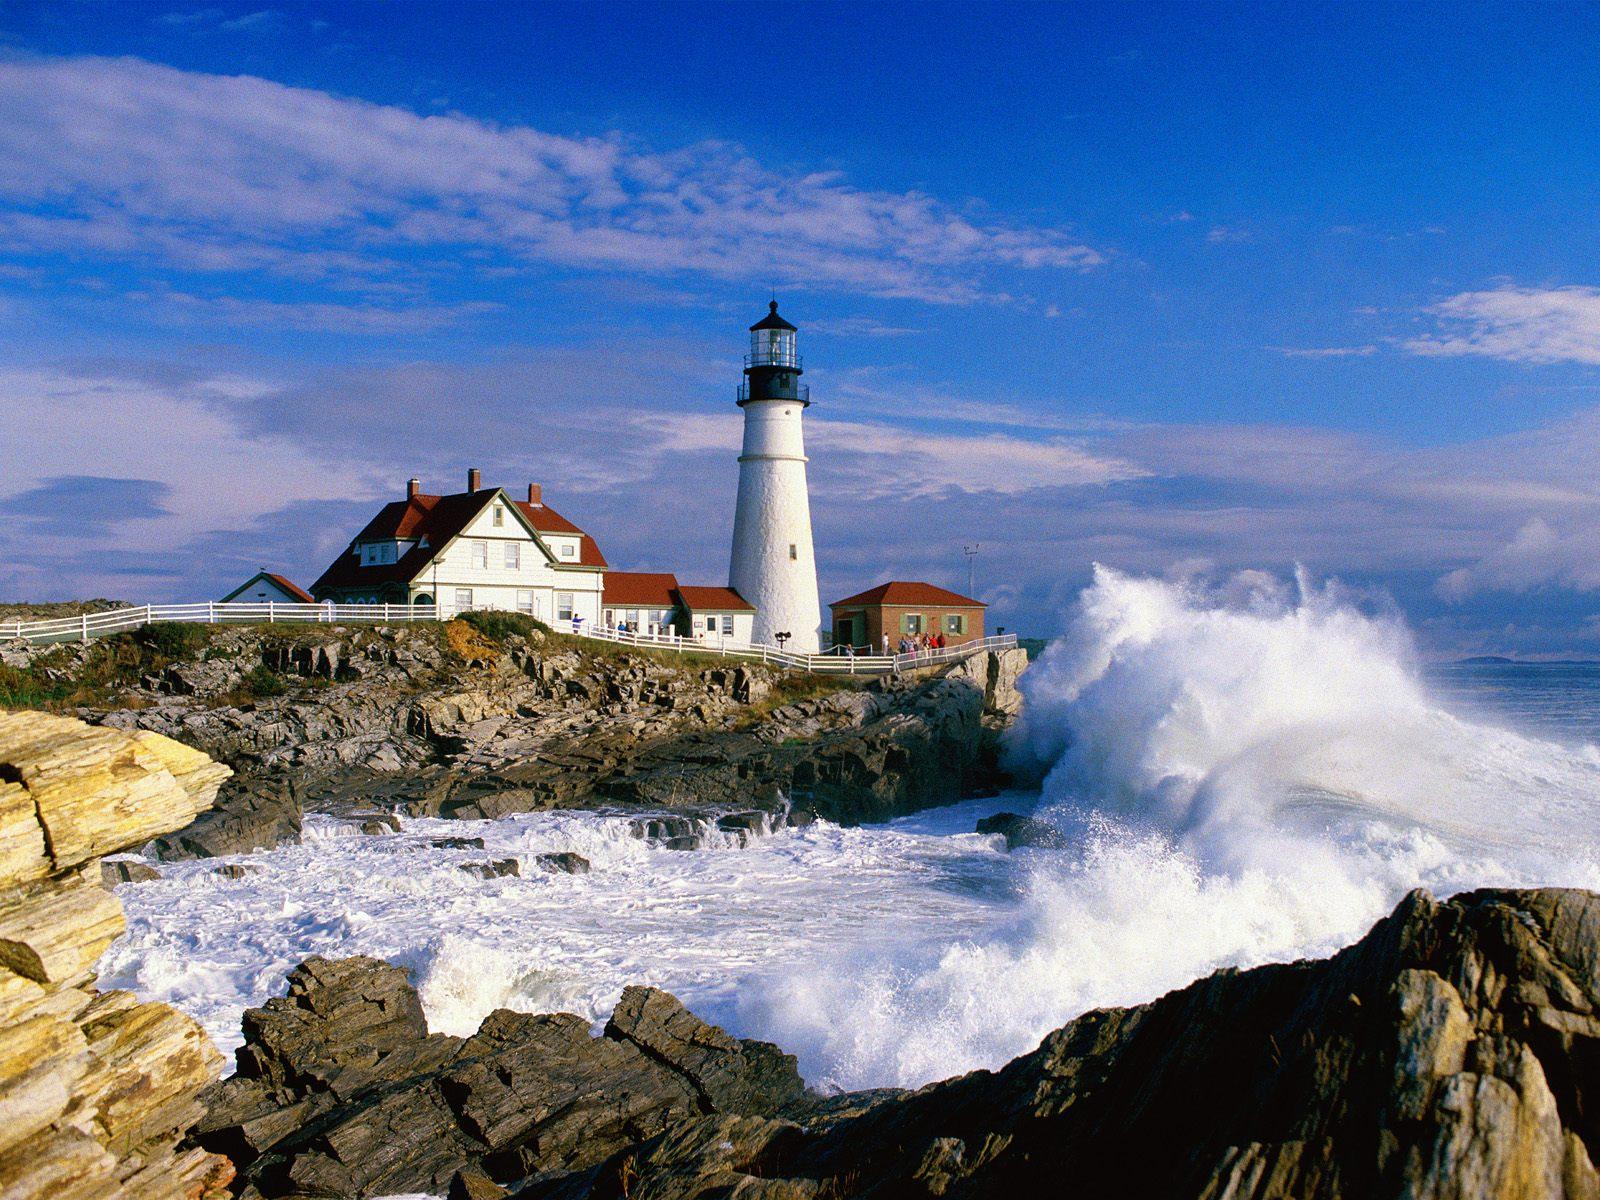 Buildings Lighthouse Portland Head Light Cape Elizabeth Maine 1600x1200